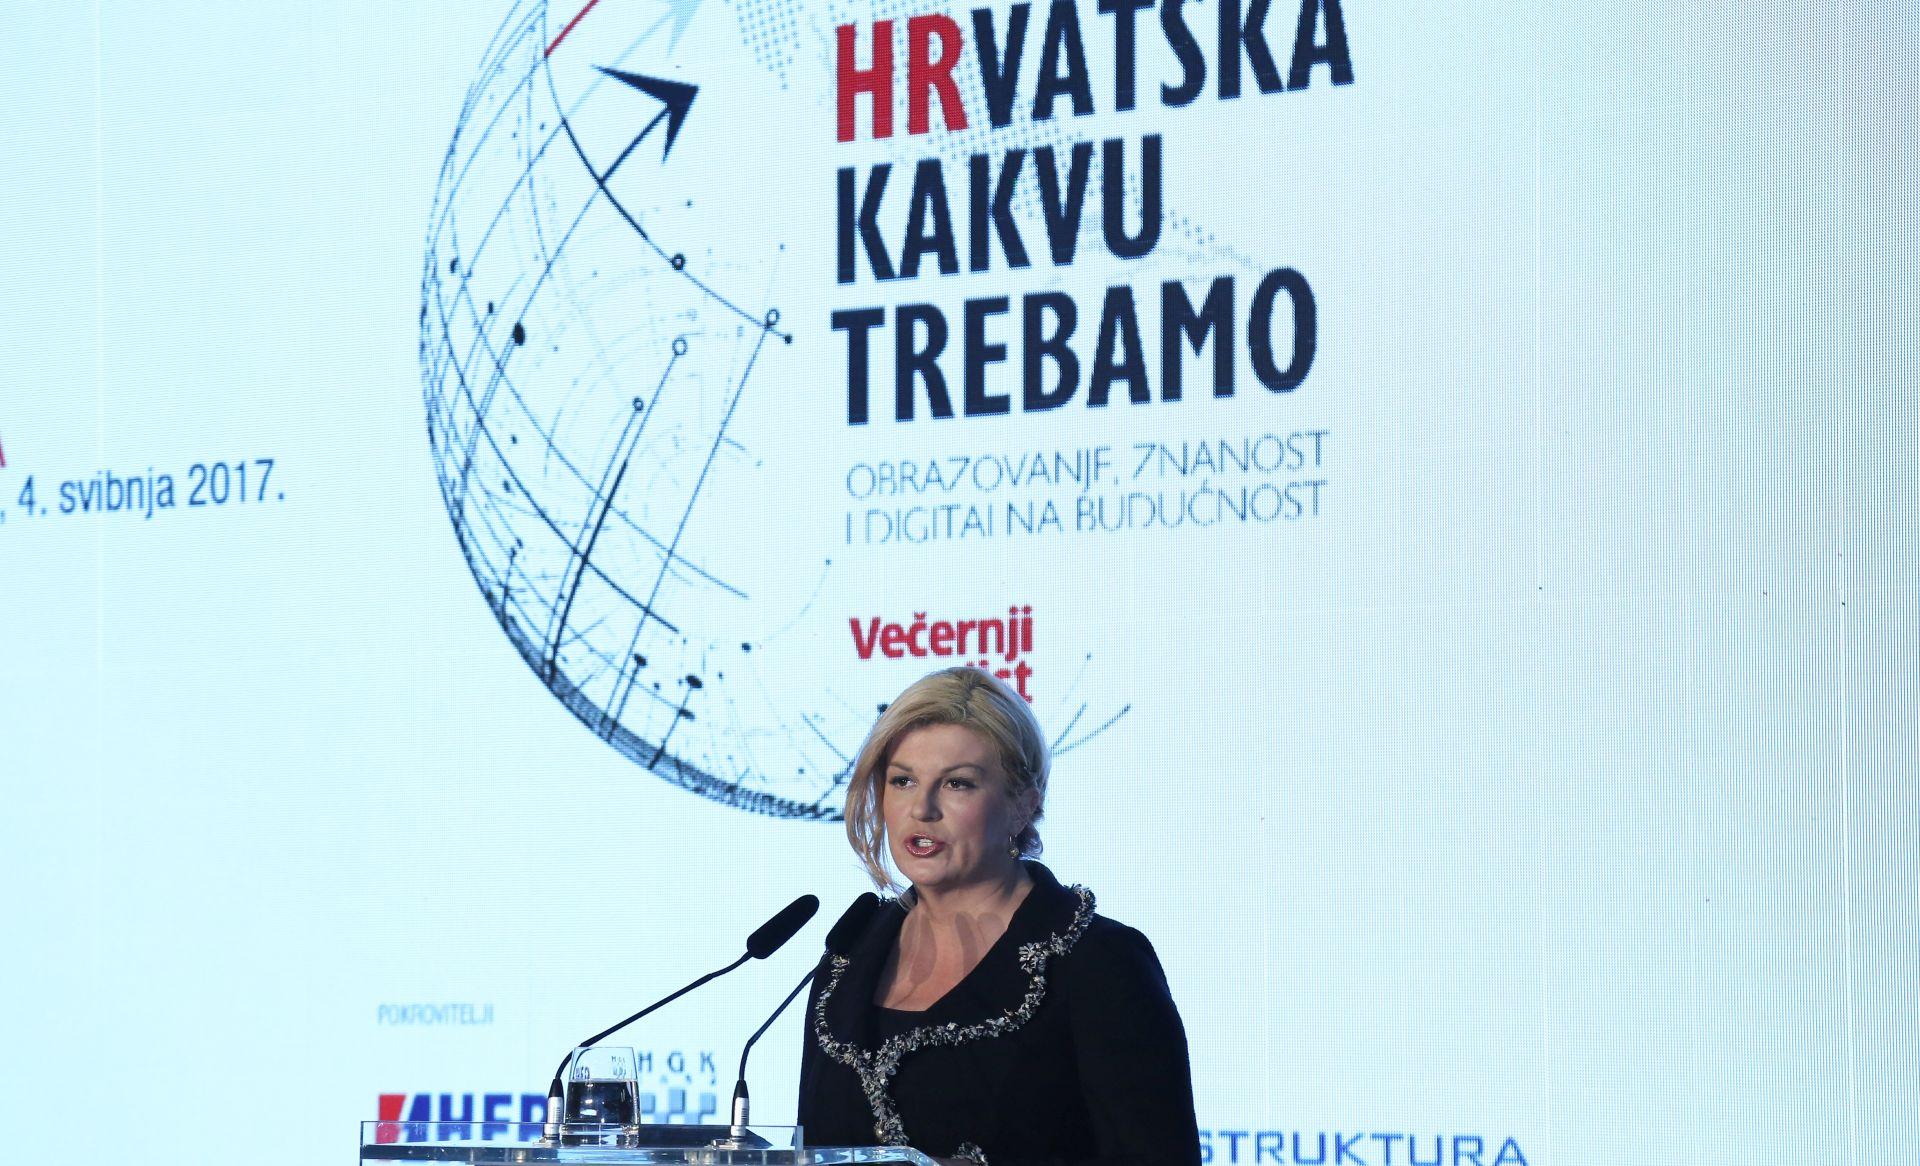 PREDSJEDNICA GRABAR-KITAROVIĆ 'Bez političke stabilnosti nema napretka'